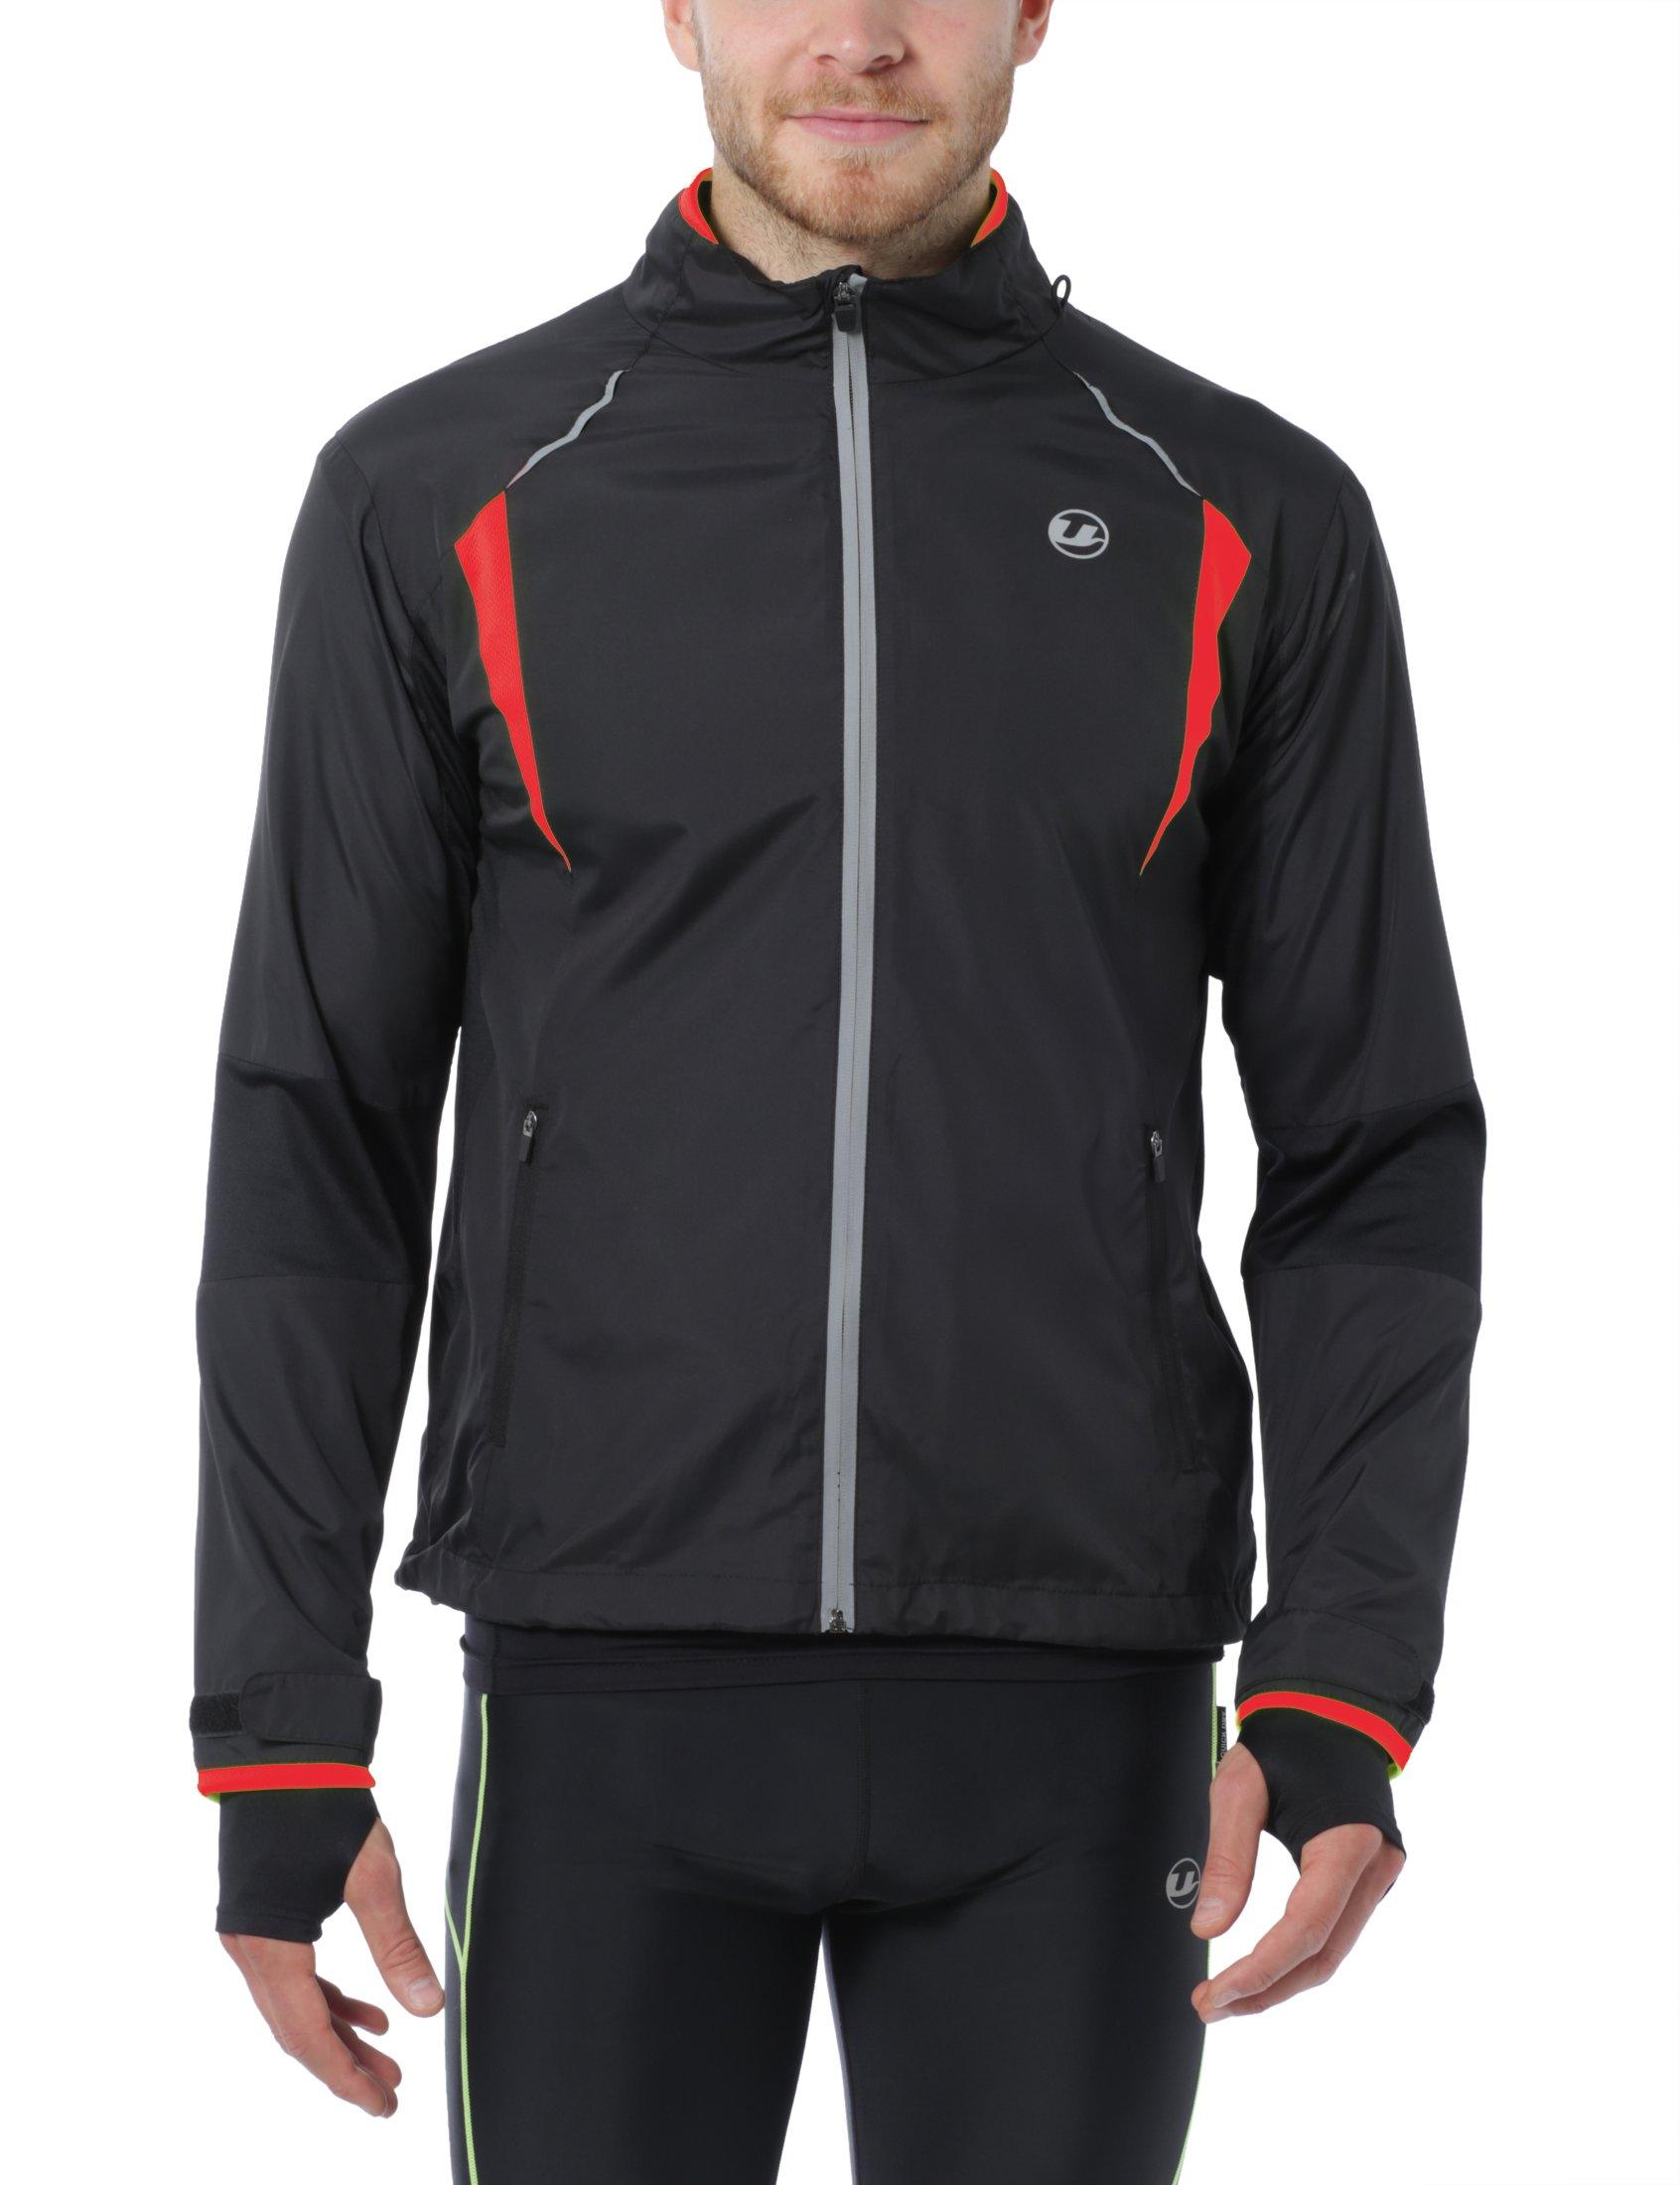 Ultrasport Stretch Delight - Chaqueta deportiva de running y ciclismo para hombre, color negro/